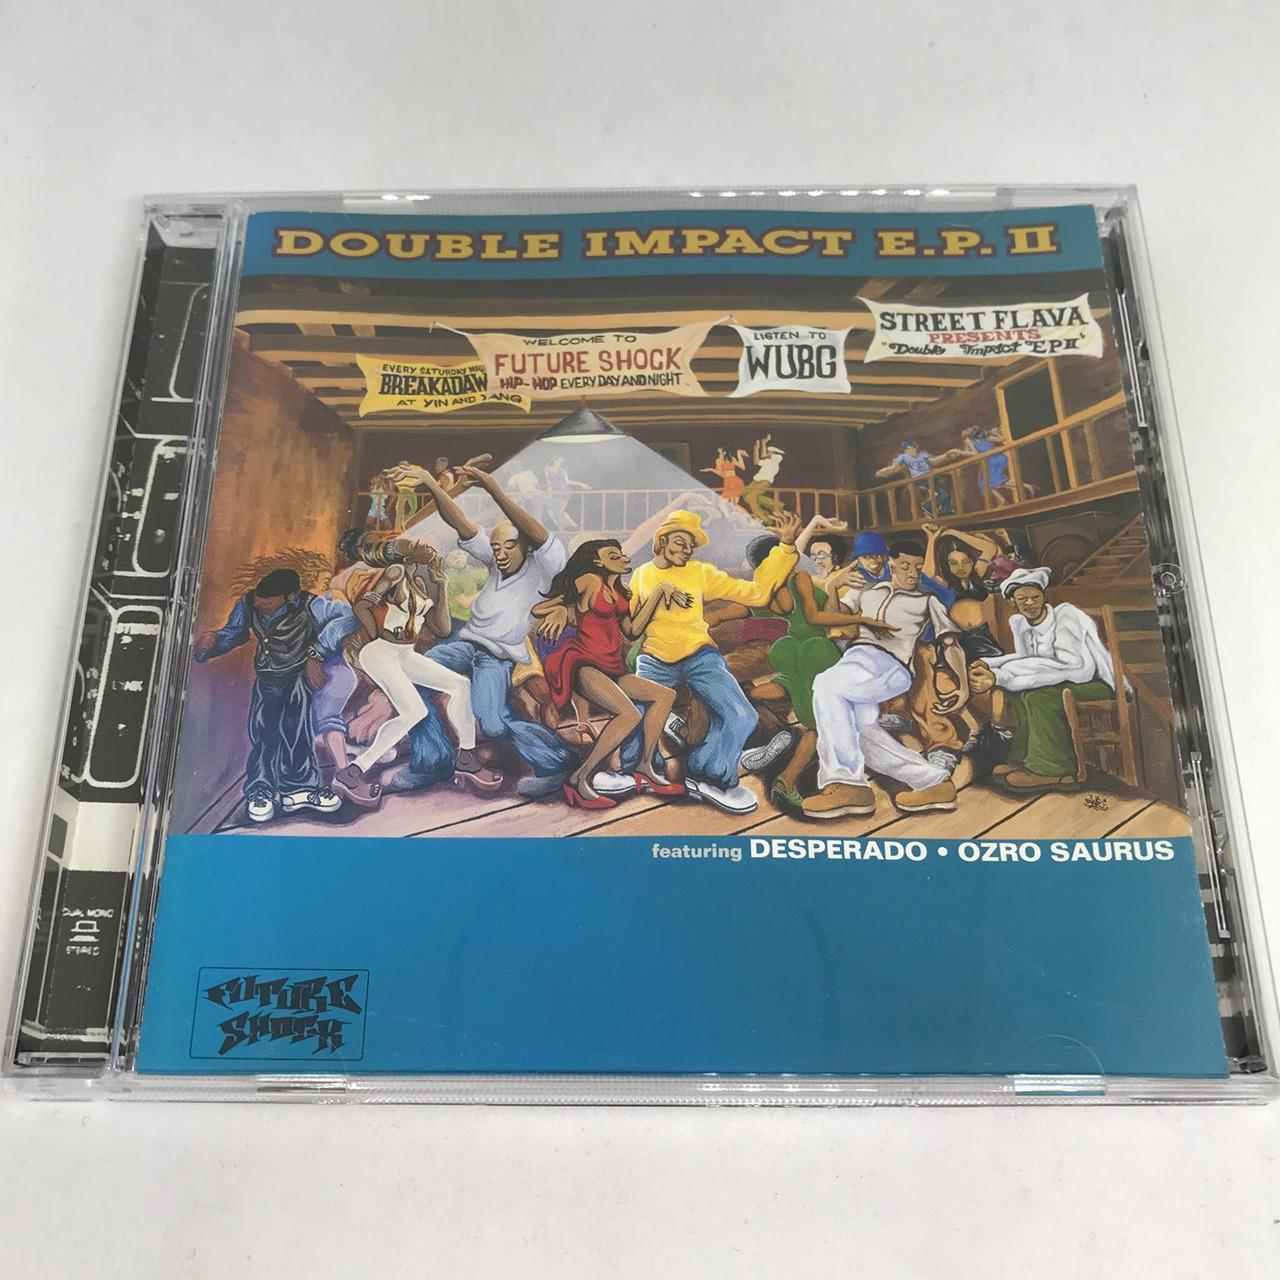 DOUBLE IMPACT E.P.2